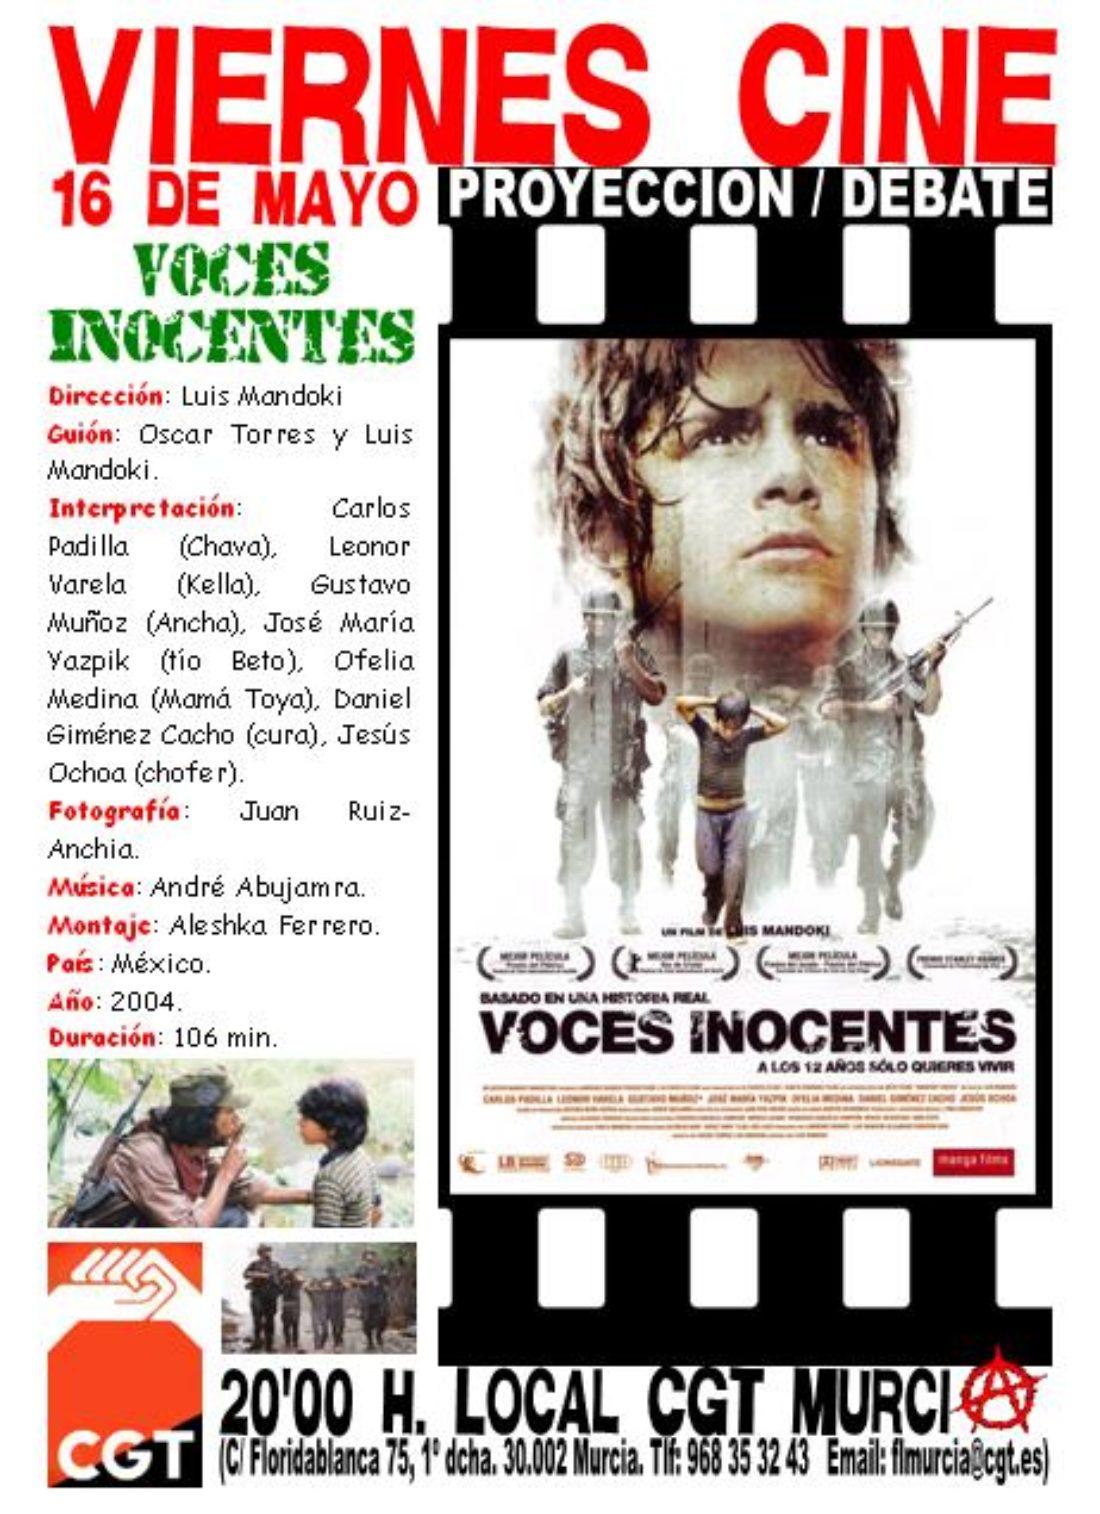 VIERNES CINE. El 16 de mayo VOCES INOCENCTES de Luís Mandoki a las 20'00 h. en el local de CGT en Murcia